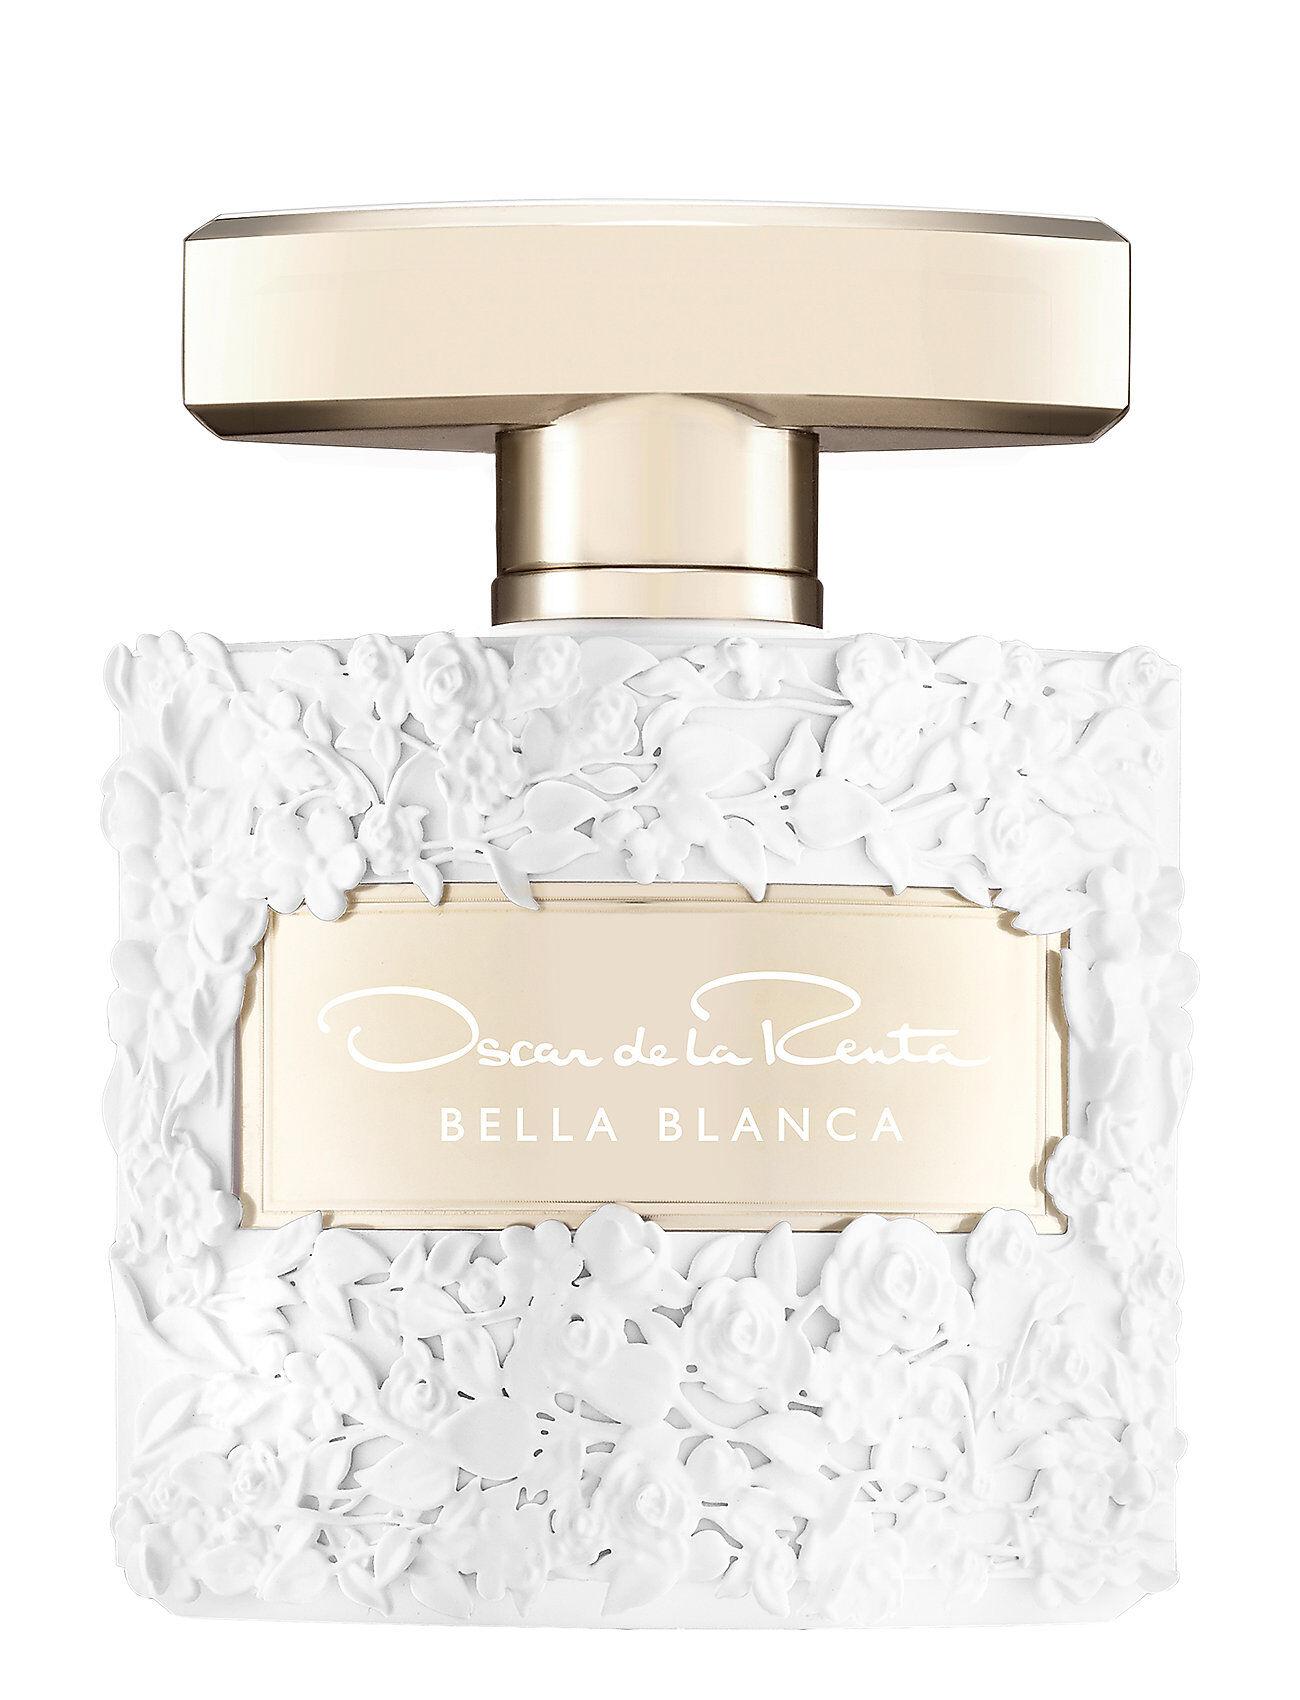 Oscar de la Renta Bella Blanca Eaude Parfum Hajuvesi Eau De Parfum Nude Oscar De La Renta